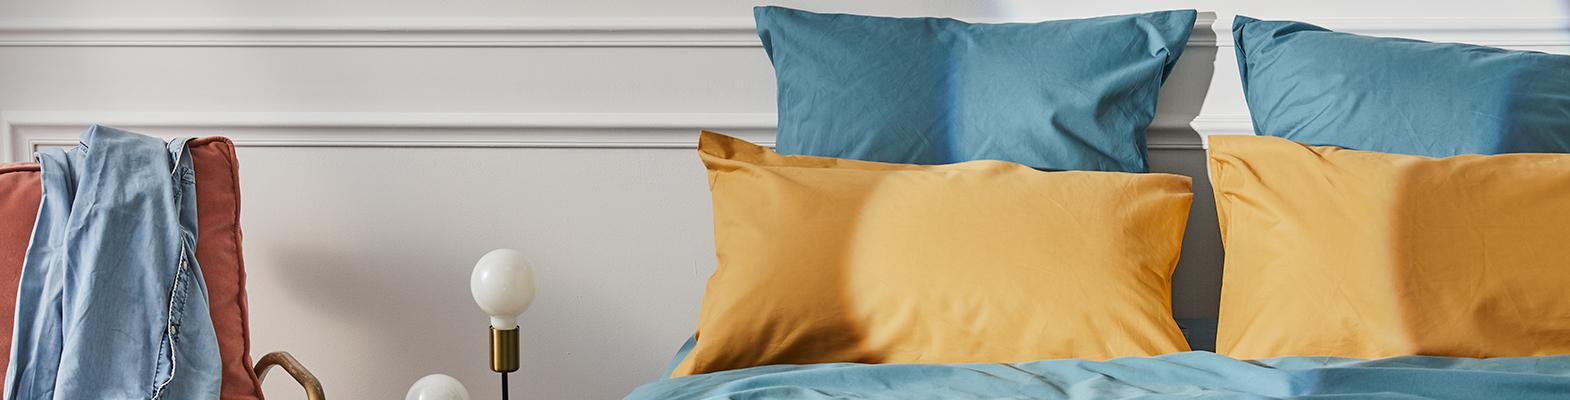 Parure de lit en percale de coton | La Serviette Paris